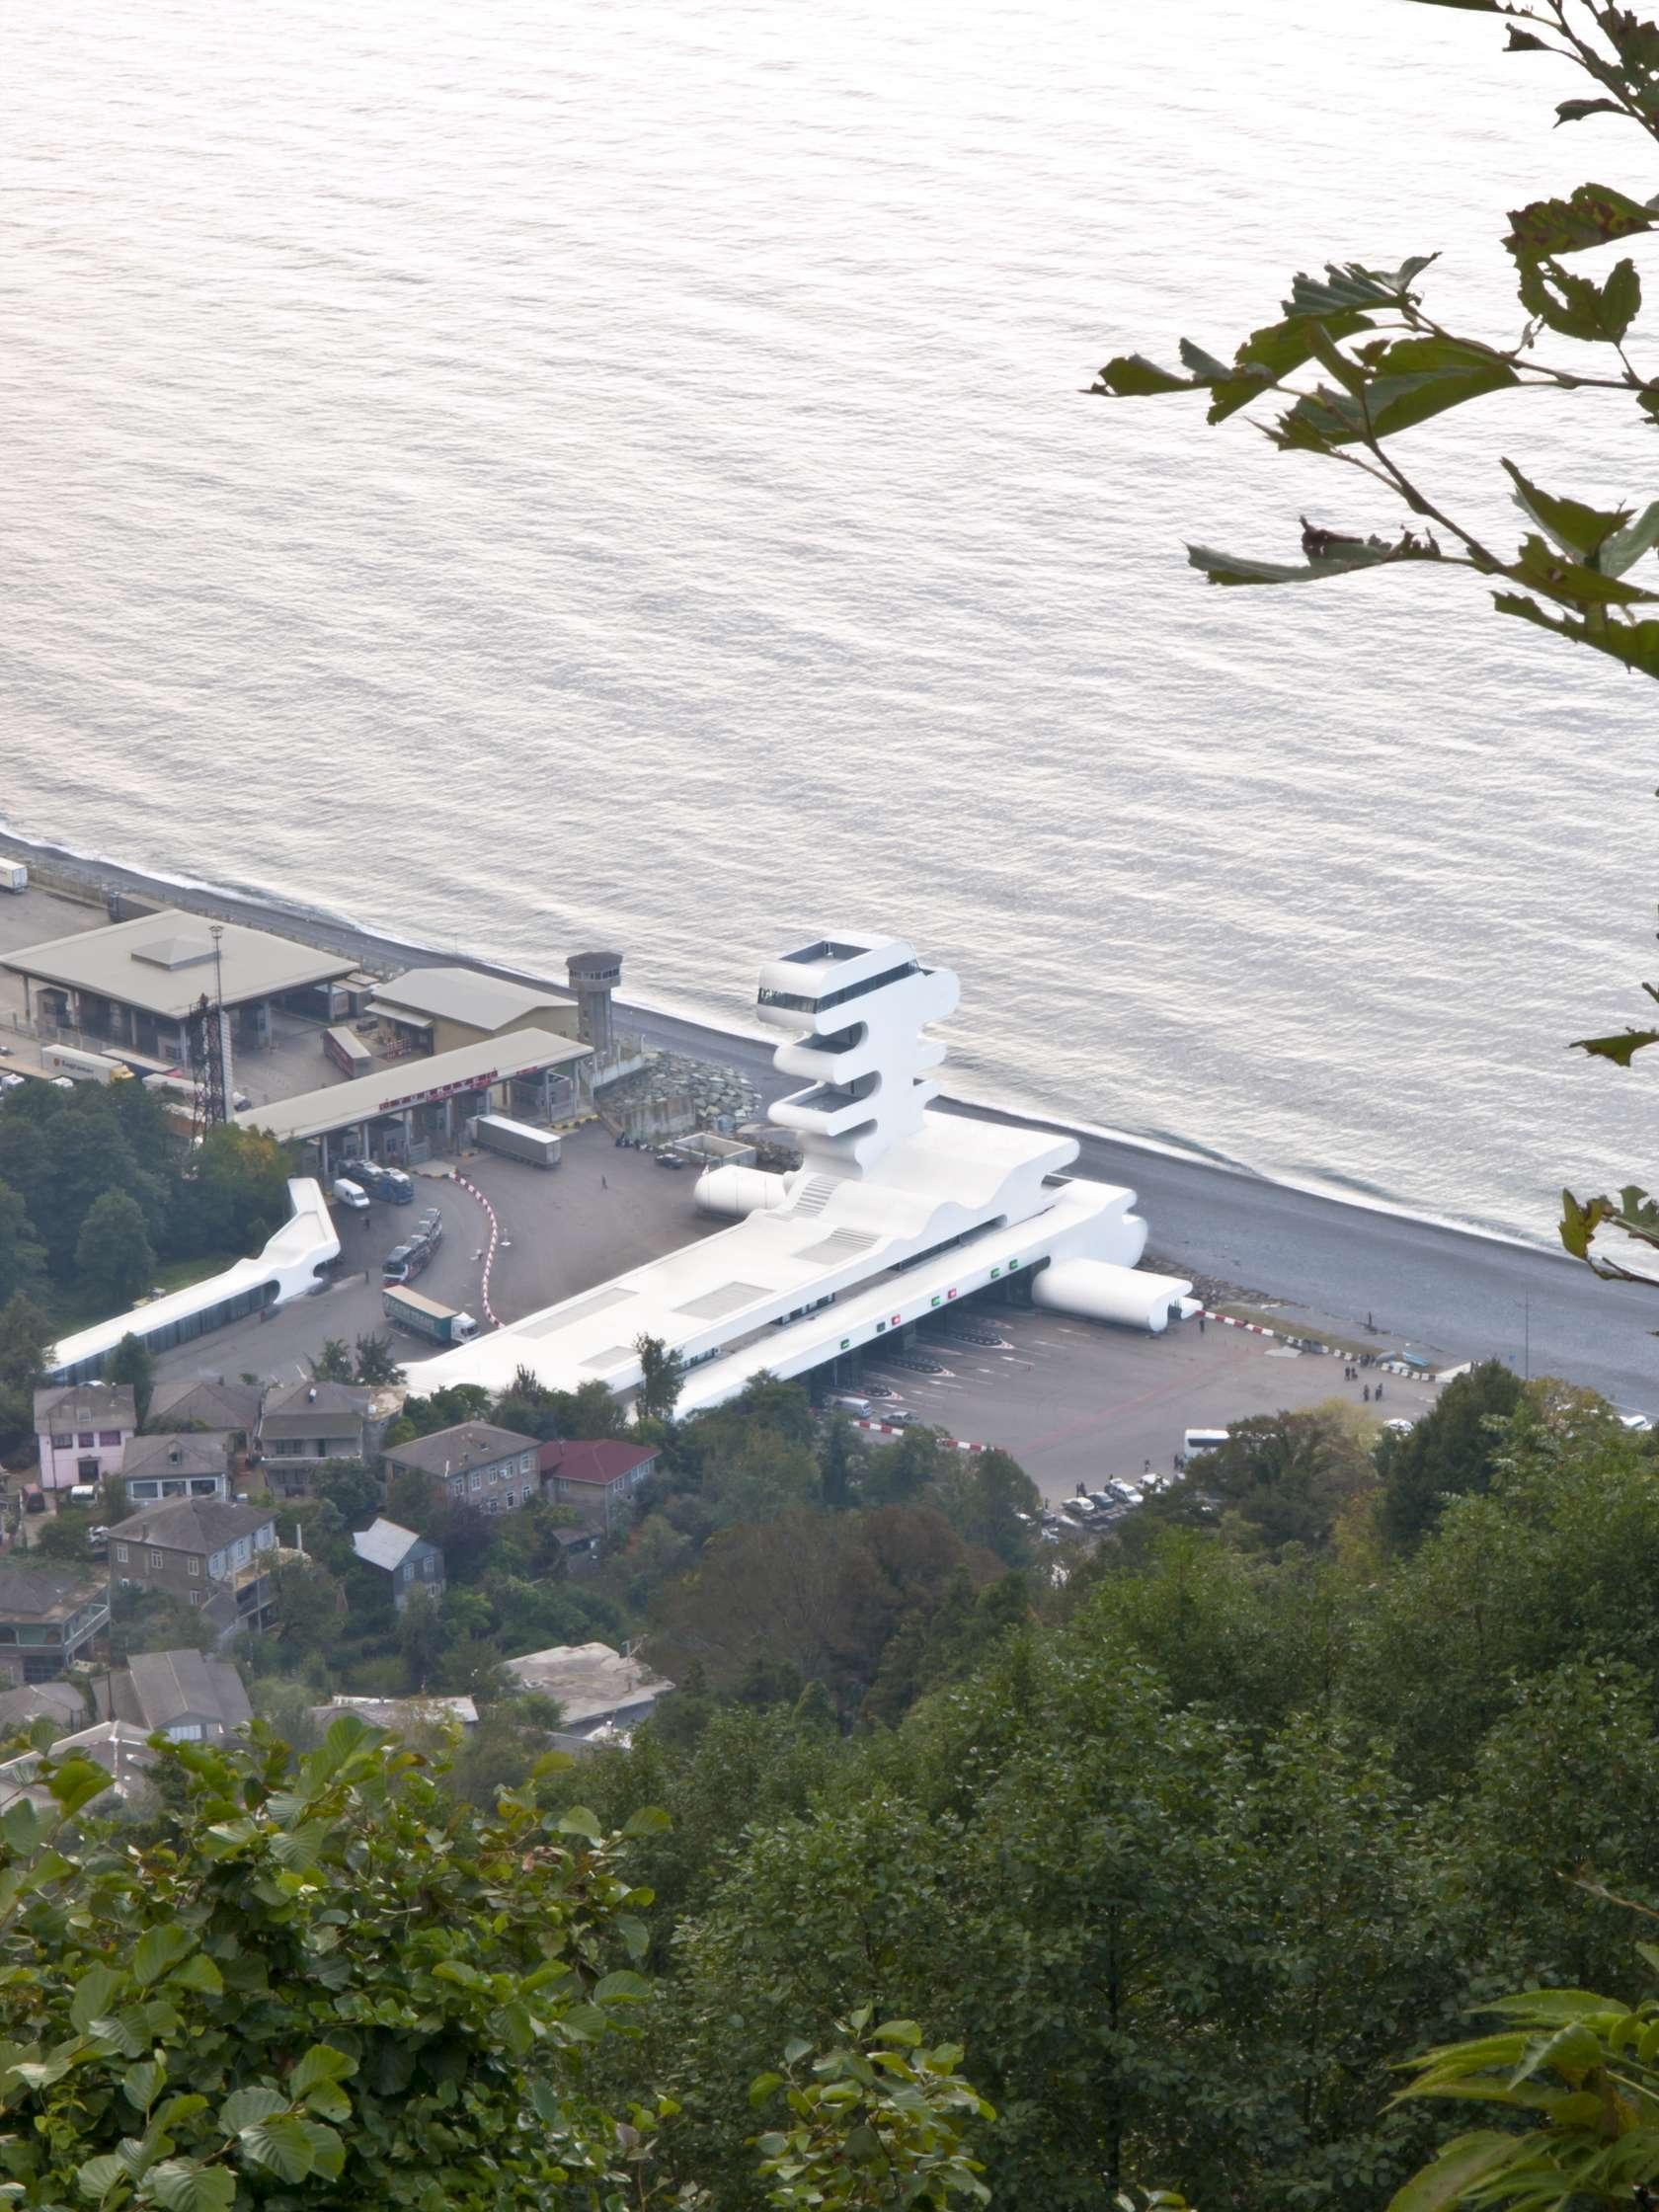 格鲁吉亚边境检查站